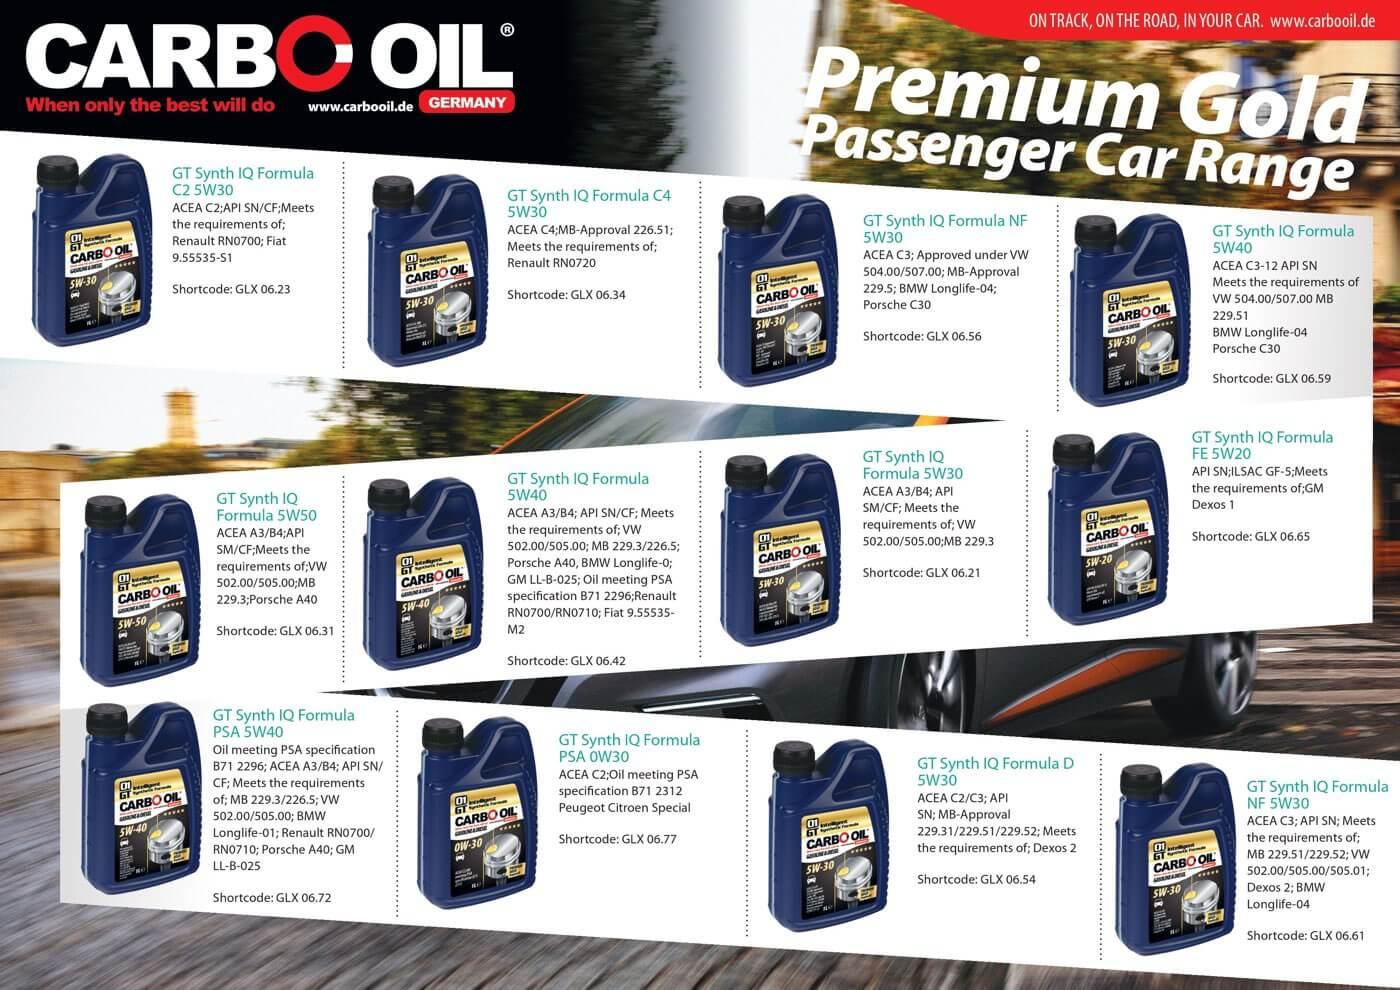 carbo oil premium gold range 2